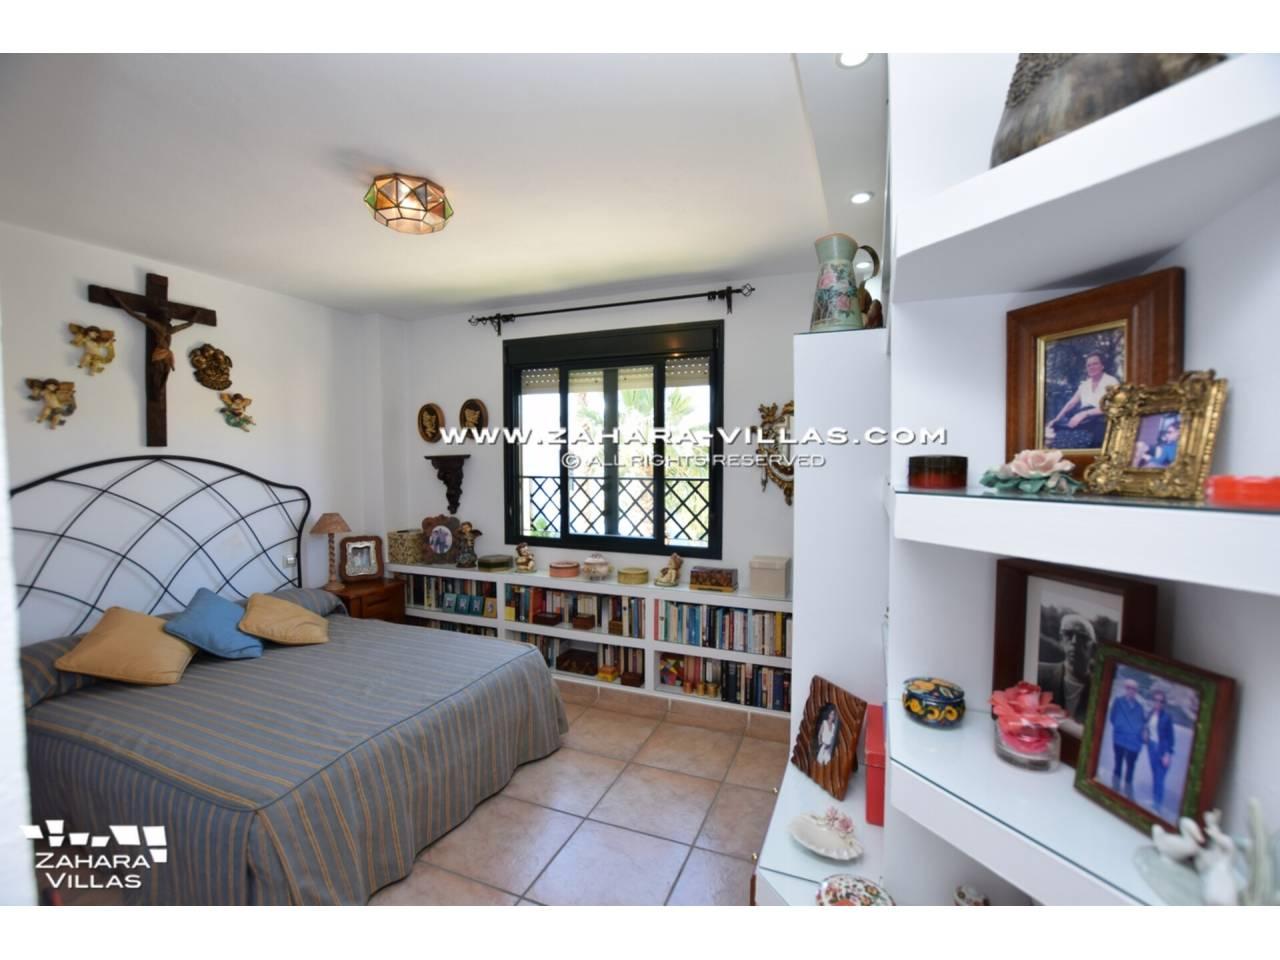 Imagen 31 de Apartamento en venta en urbanización Jardines de Zahara - Atlanterra